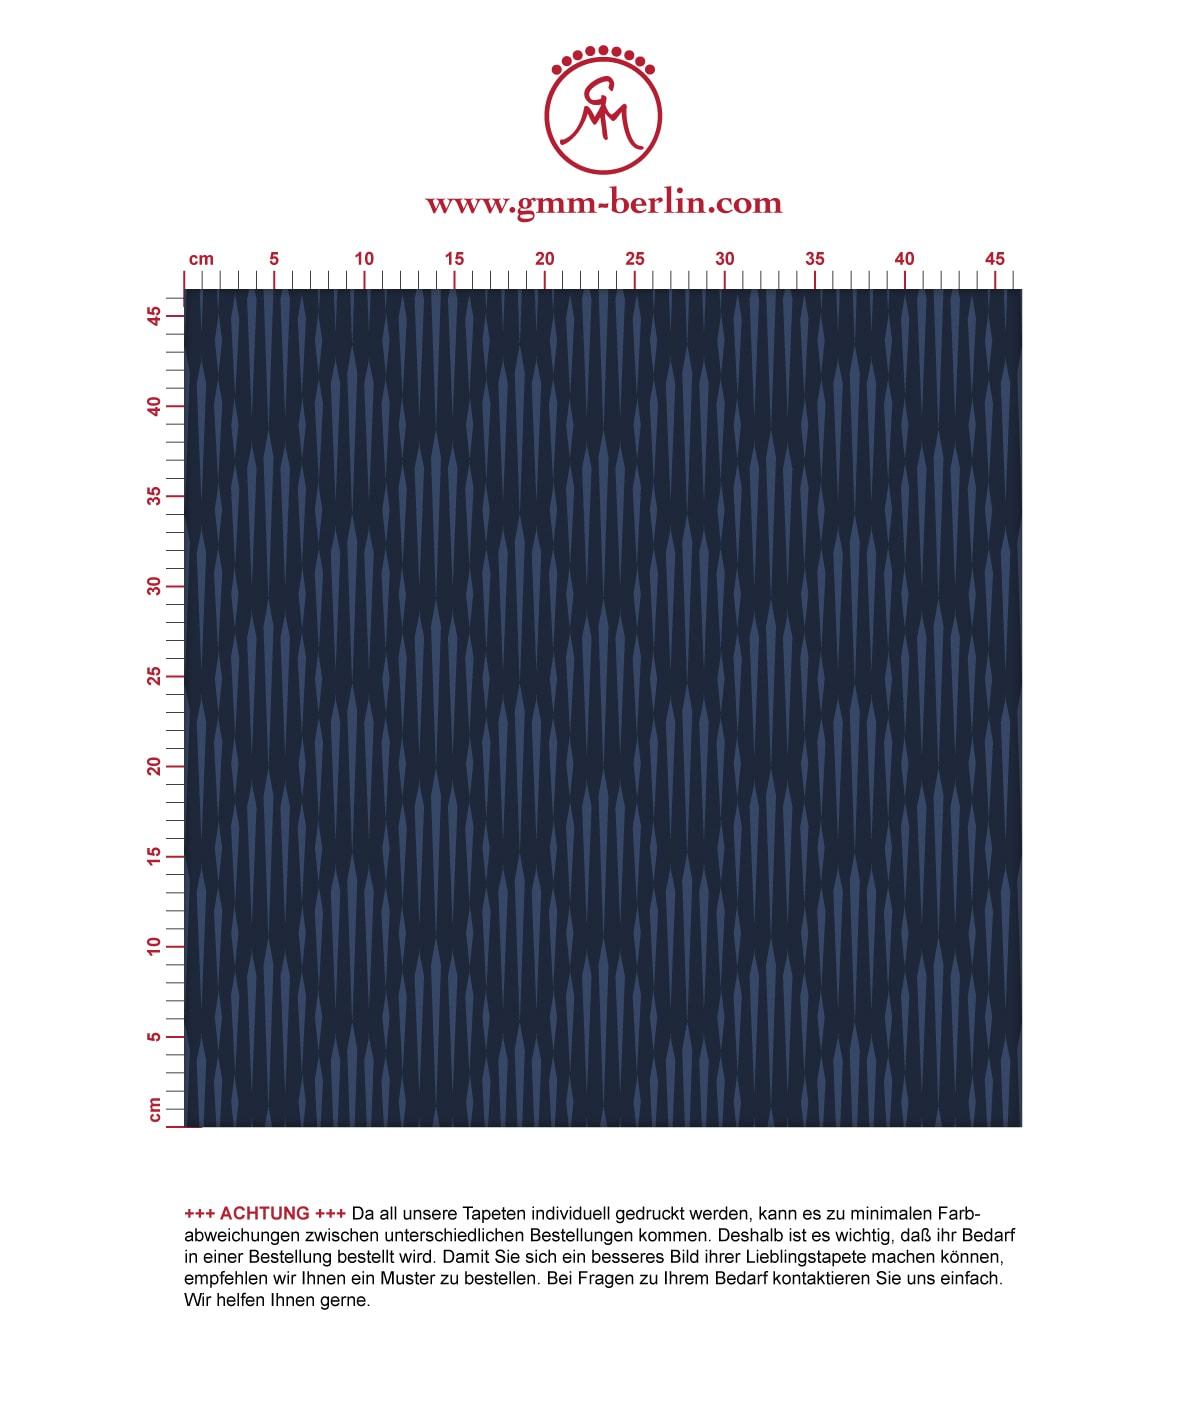 Elegante Design Tapete Art Deko Diamant in dunkelblau, Ornamenttapete für Ihr Zuhause 3